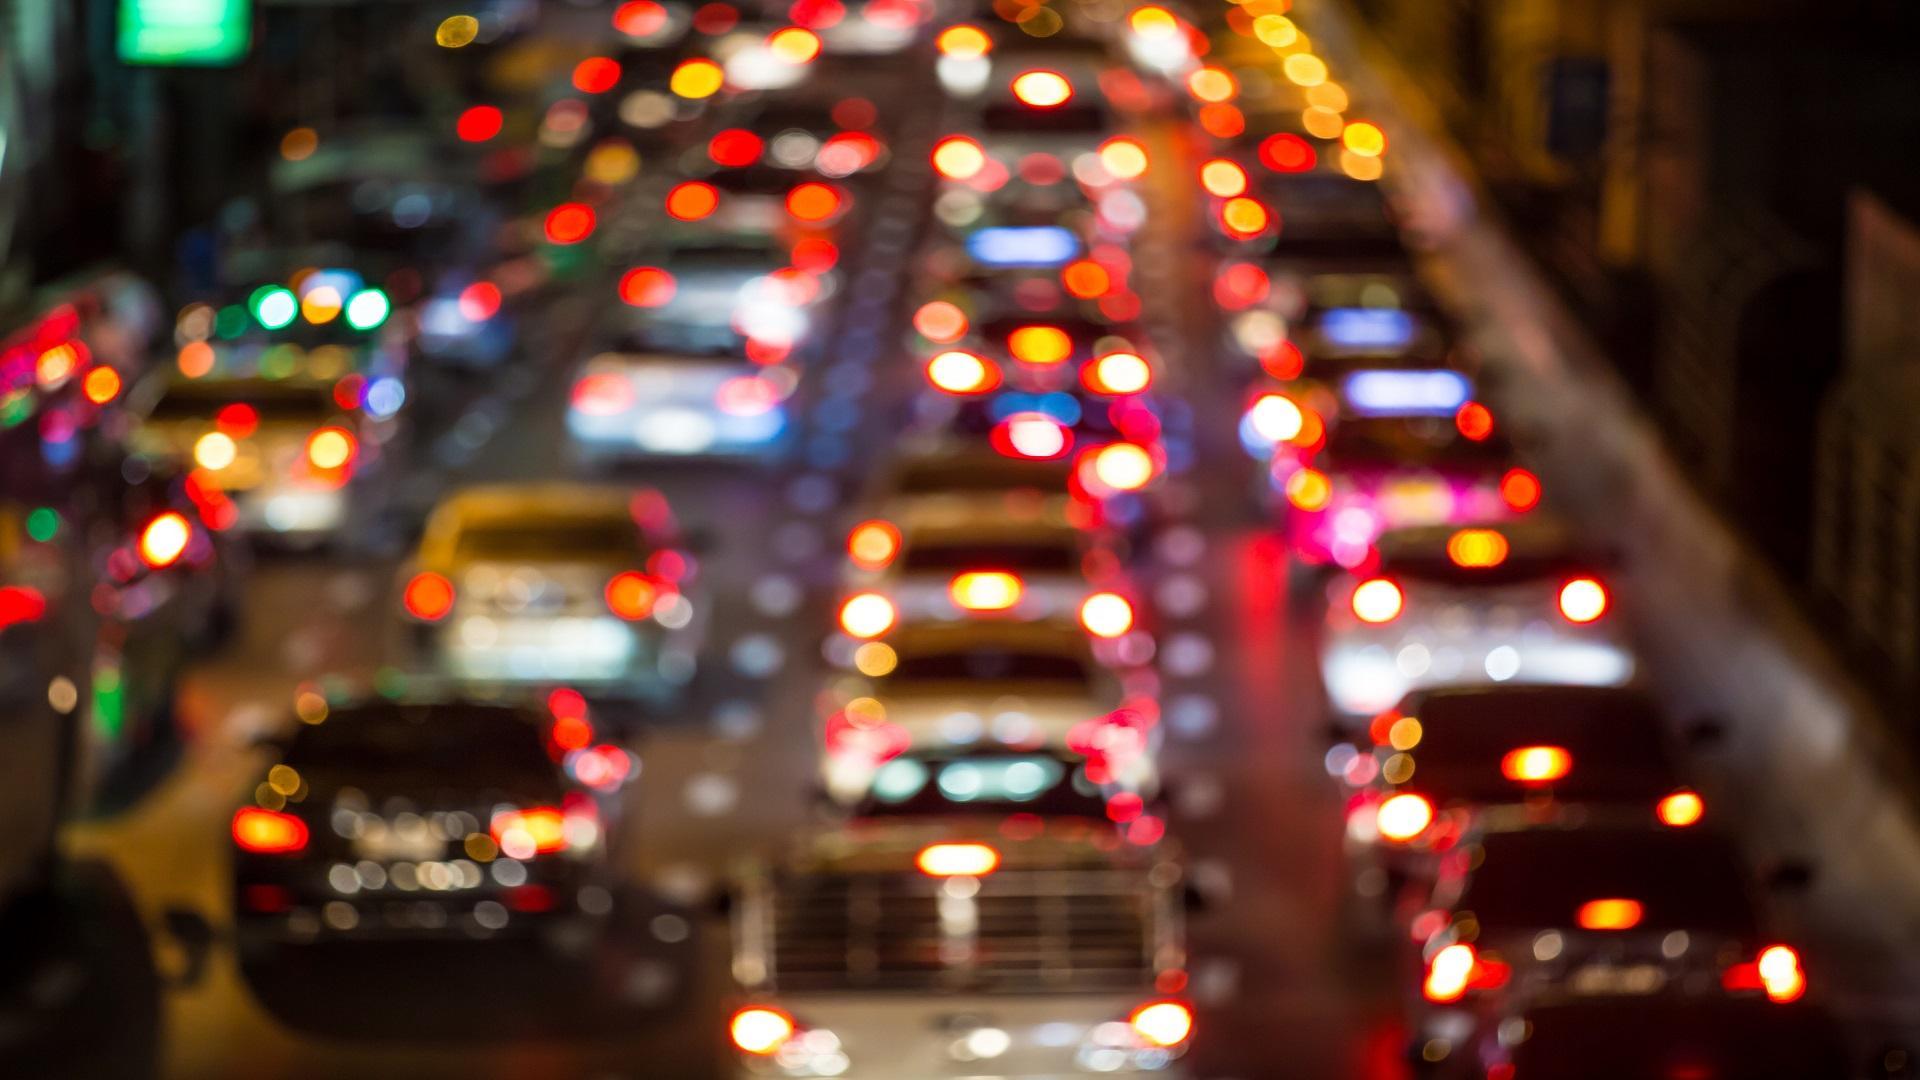 以I2X为起点,开启中国自动驾驶之路  ——以智慧的路支撑聪明的车